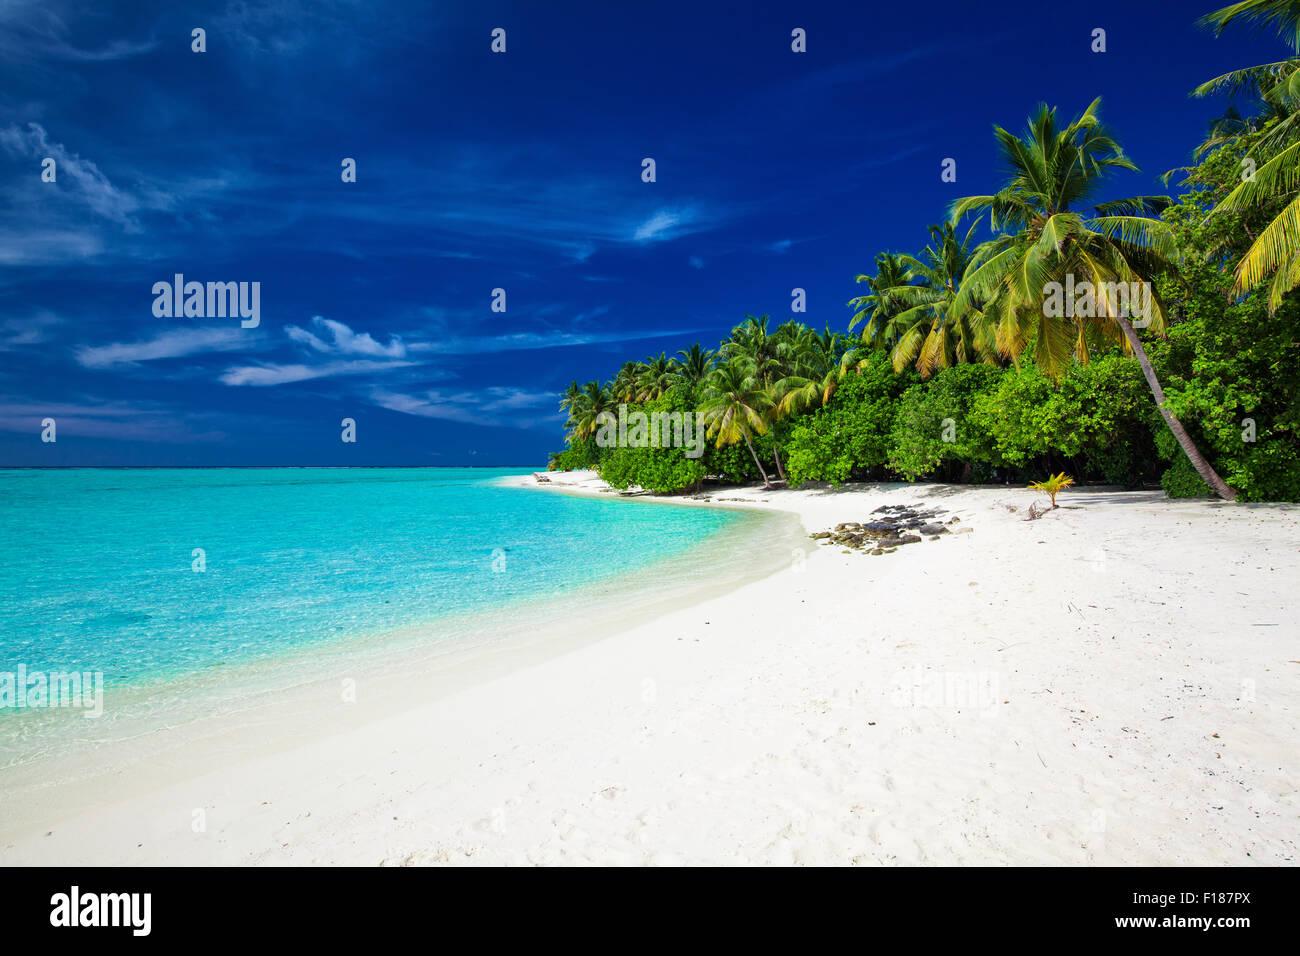 La increíble playa en una isla tropical con palmeras sobresaliendo por laguna Foto de stock